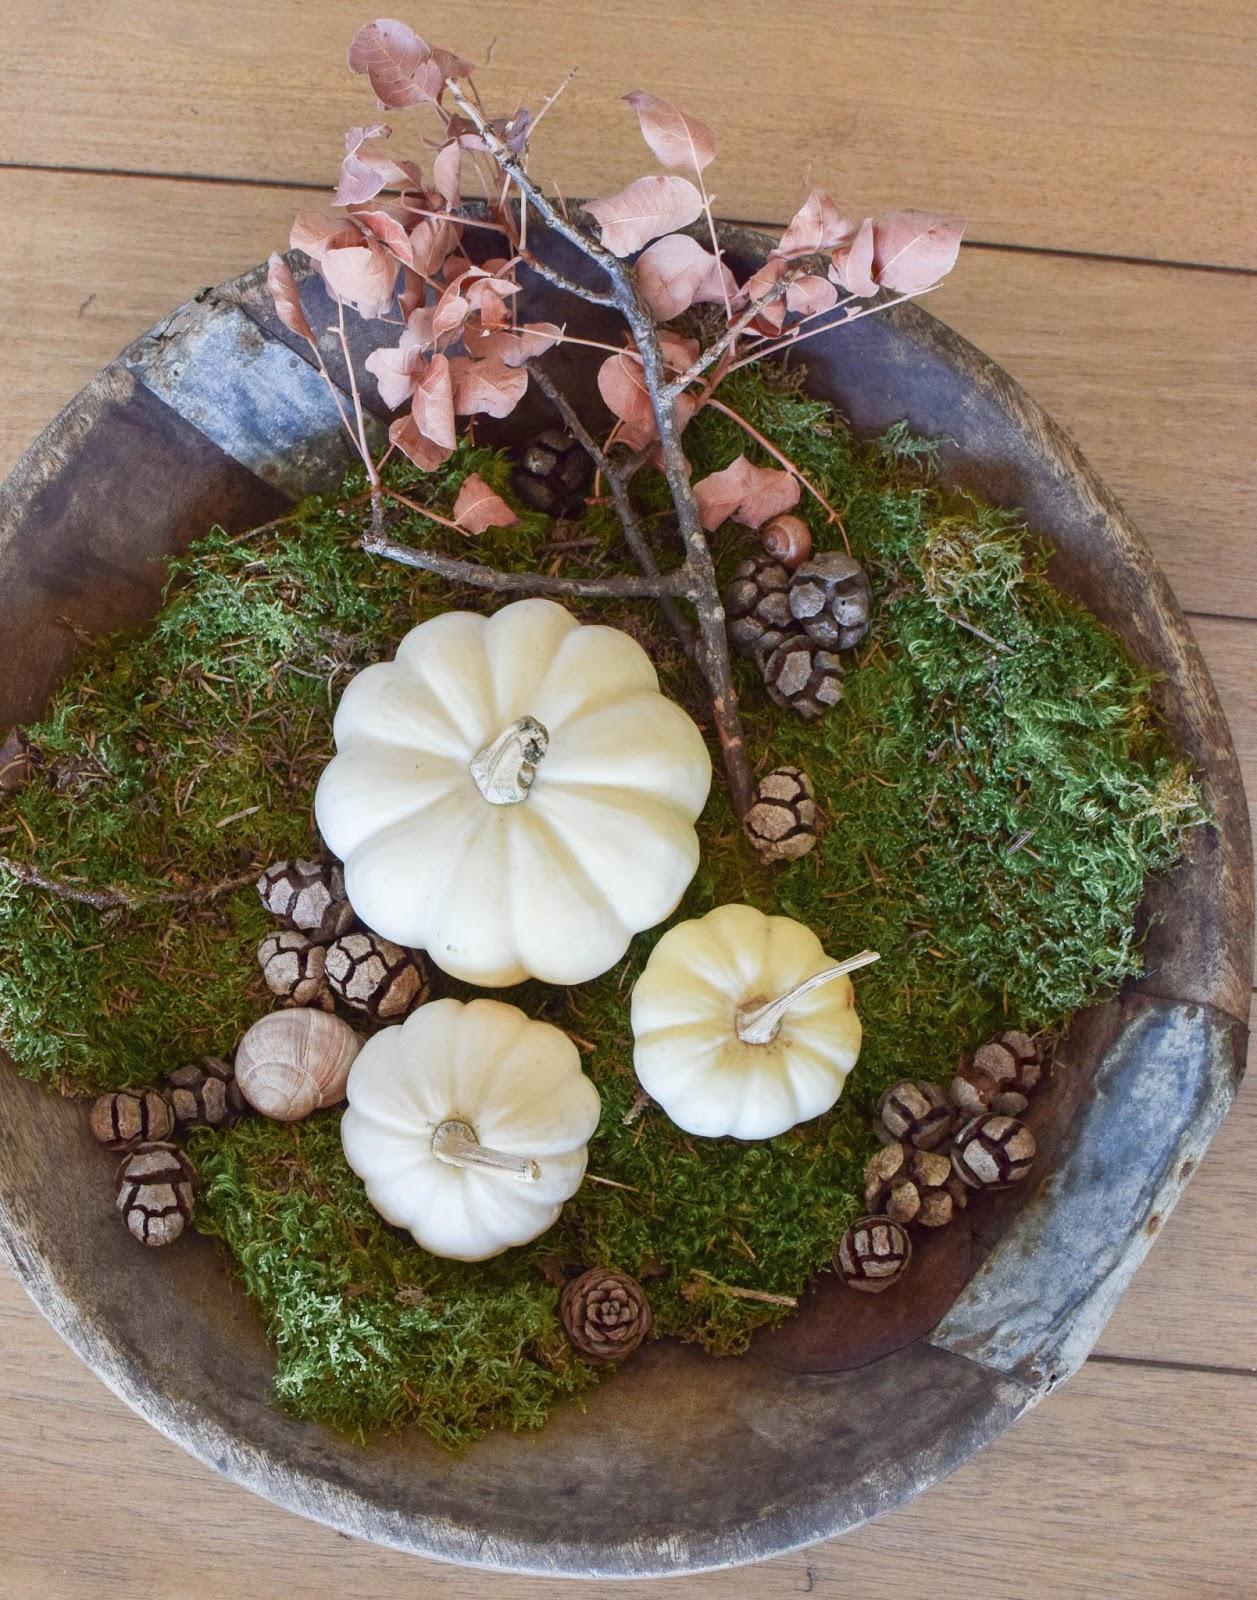 Dekoideen mit Kürbis für den Herbst. Kürbisse natürlich dekorieren. Tischdeko, Tisch dekorieren Herbstdeko, herbstliche Deko, Wohnzimmer